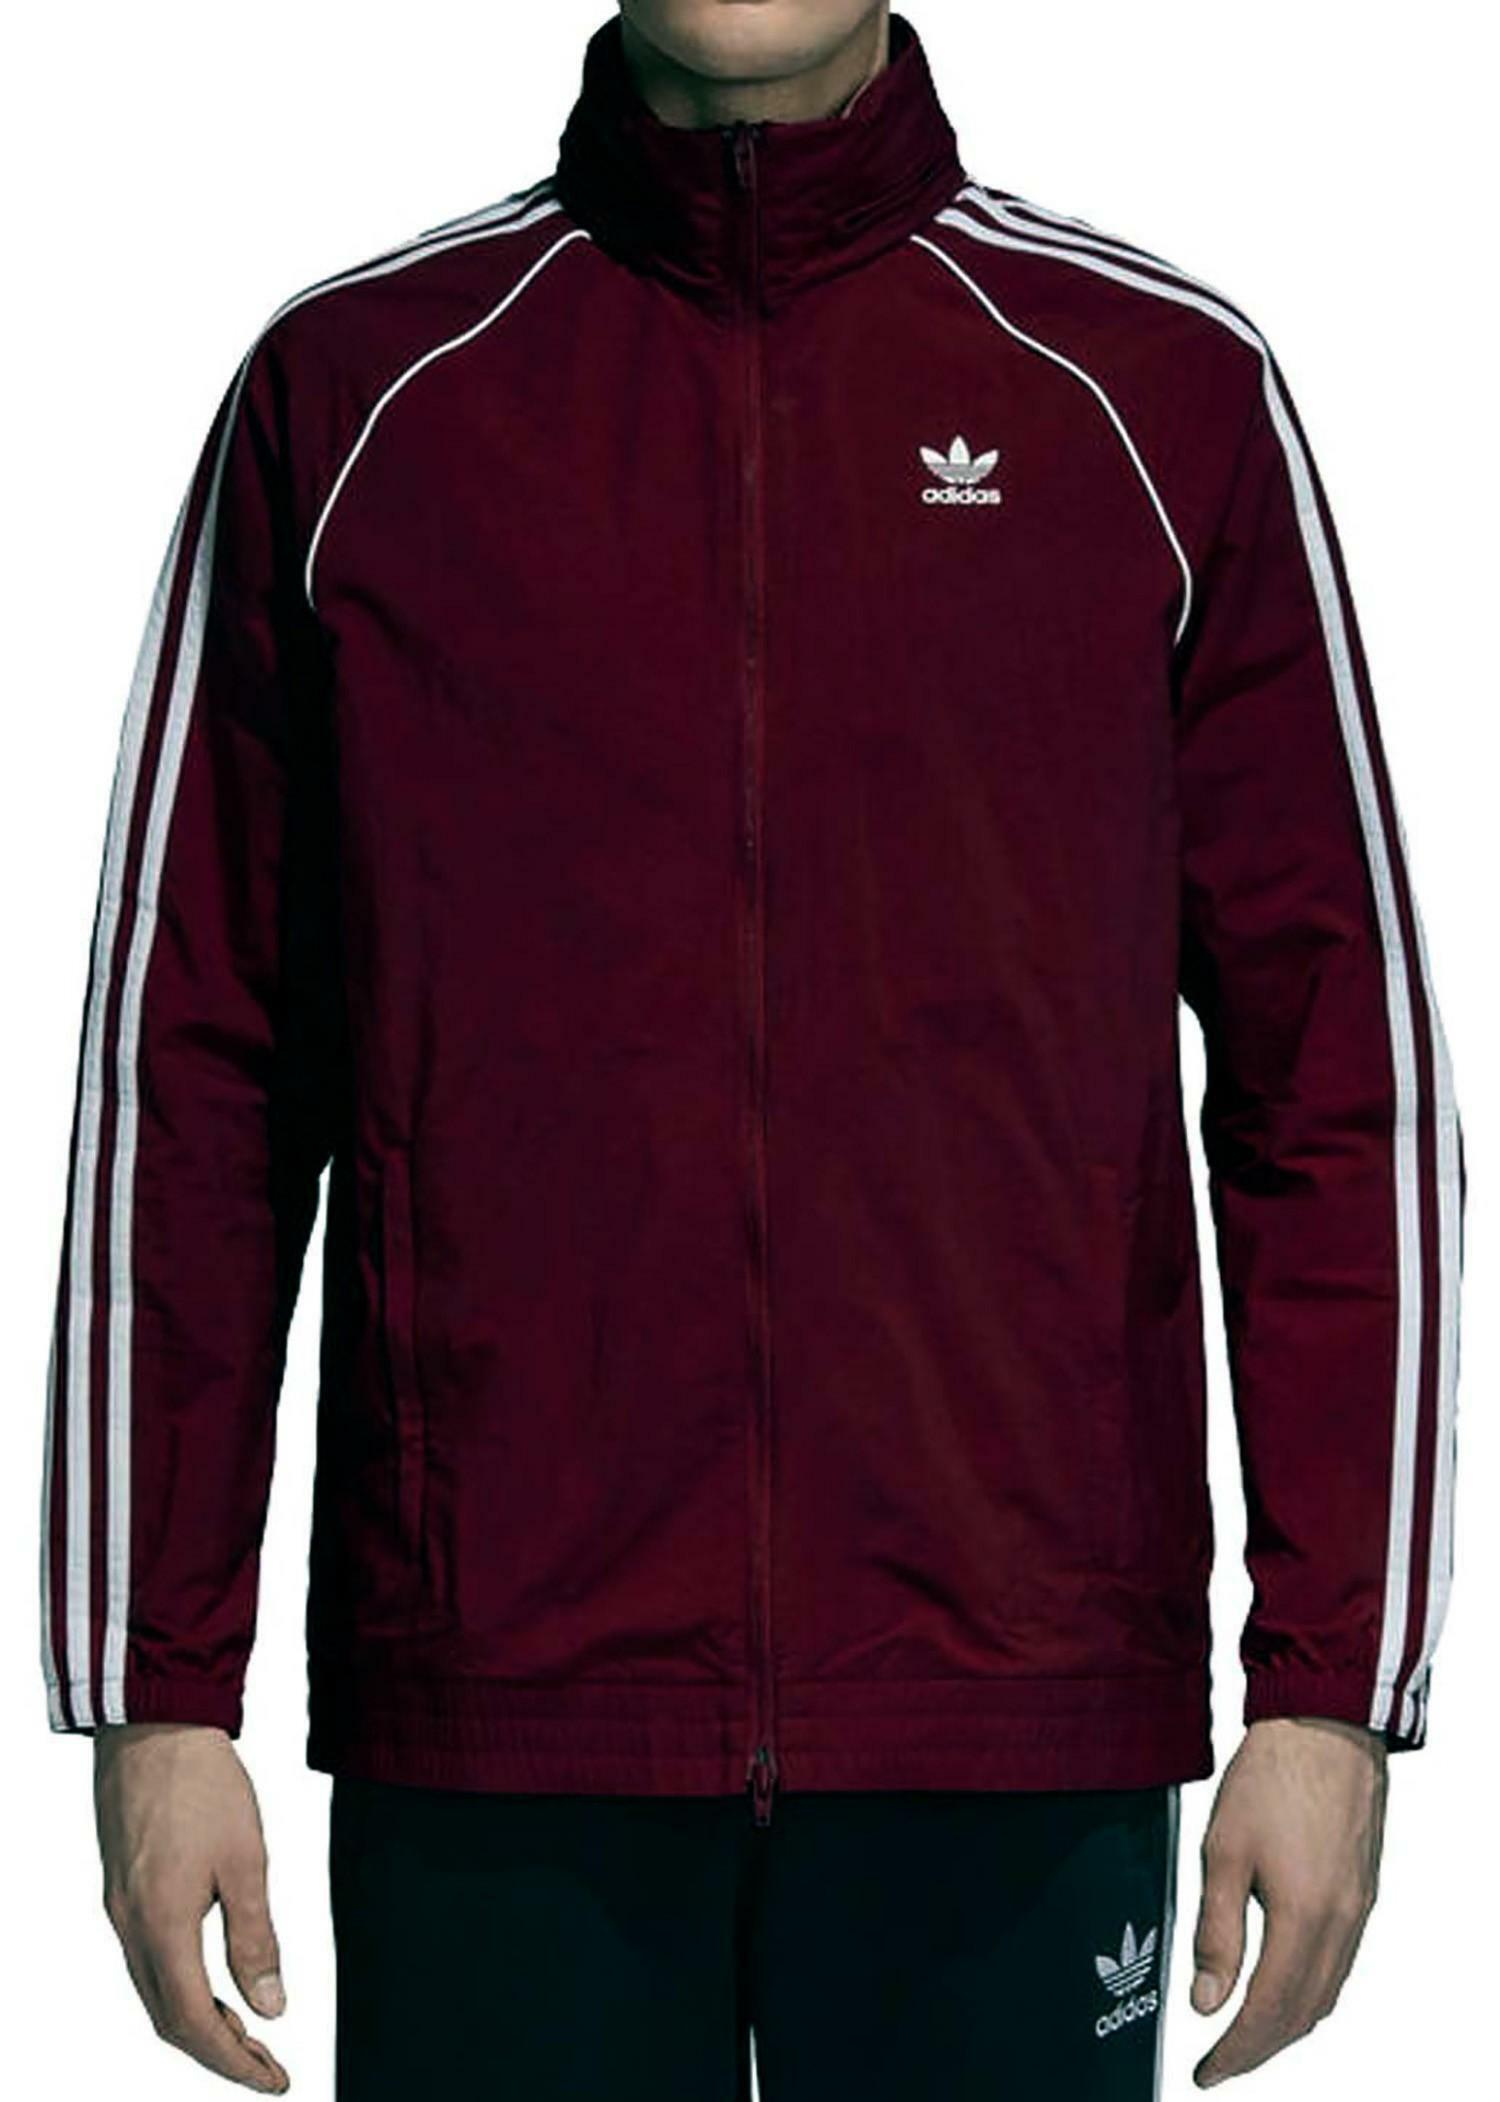 adidas originals adidas sst windbreaker giacca a vento uomo bordeaux dh5840